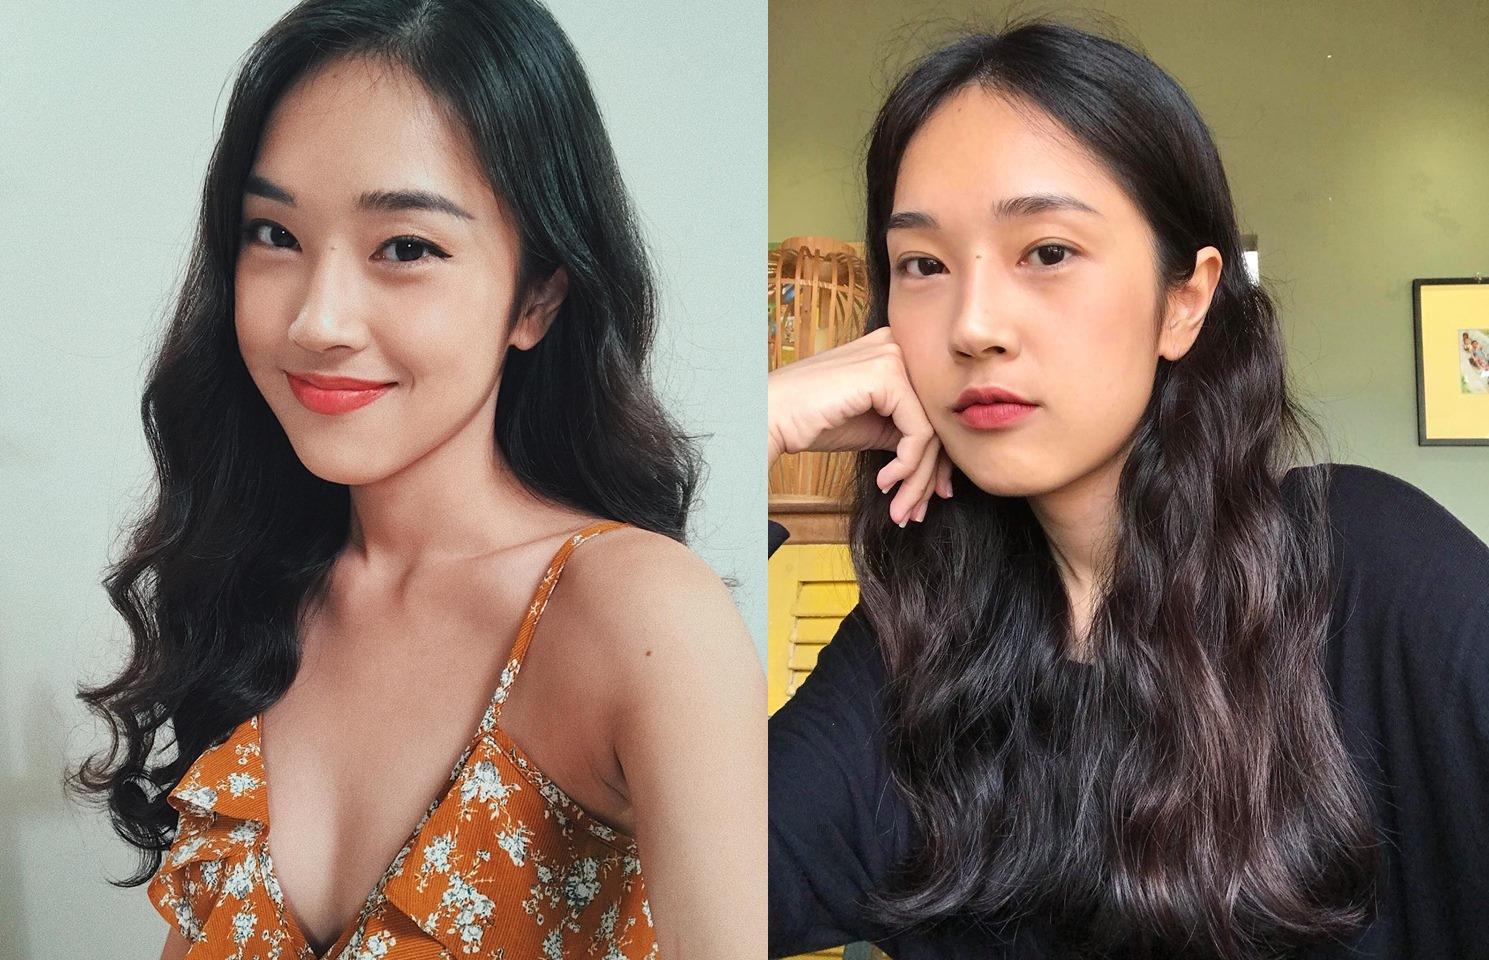 Diễm My 9x và loạt hot girl Việt rần rần thách nhau khoe ảnh selfie mặt mộc - Ảnh 5.